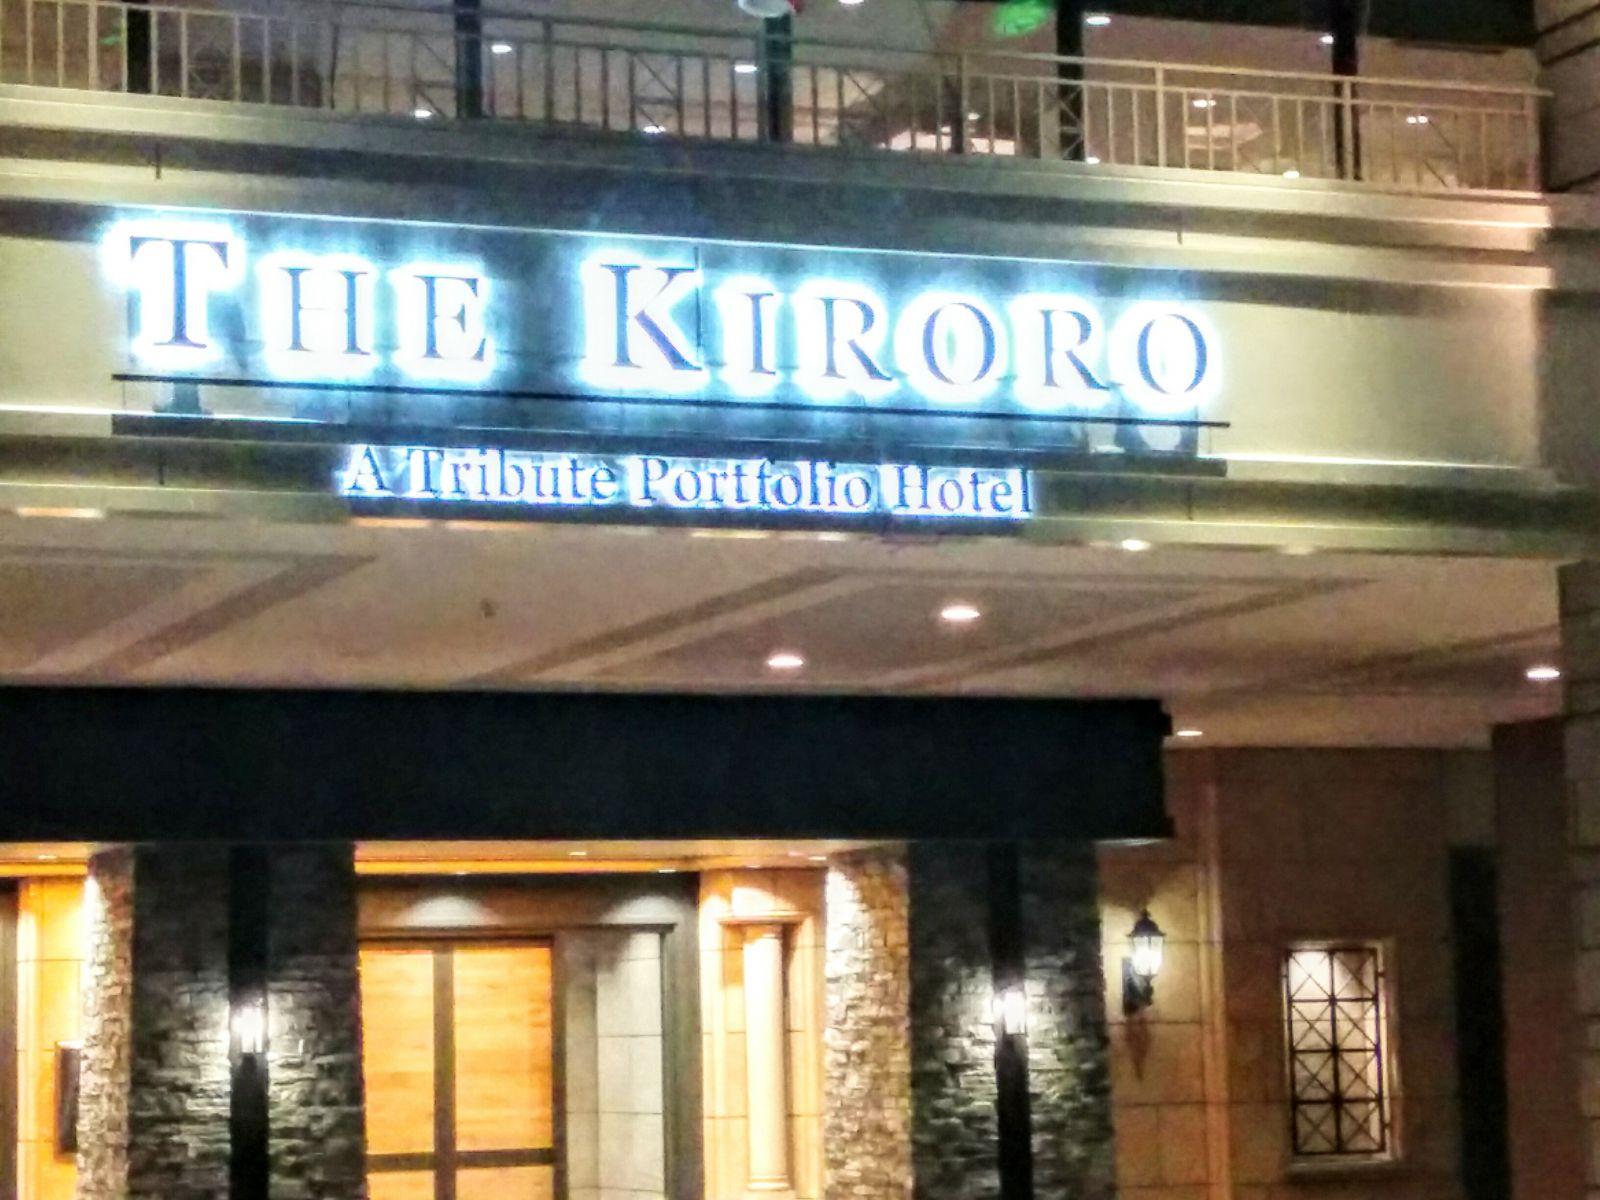 【キロロリゾート】早朝のキロロリゾート・トリビュートポートフォリオホテル観光写真です。